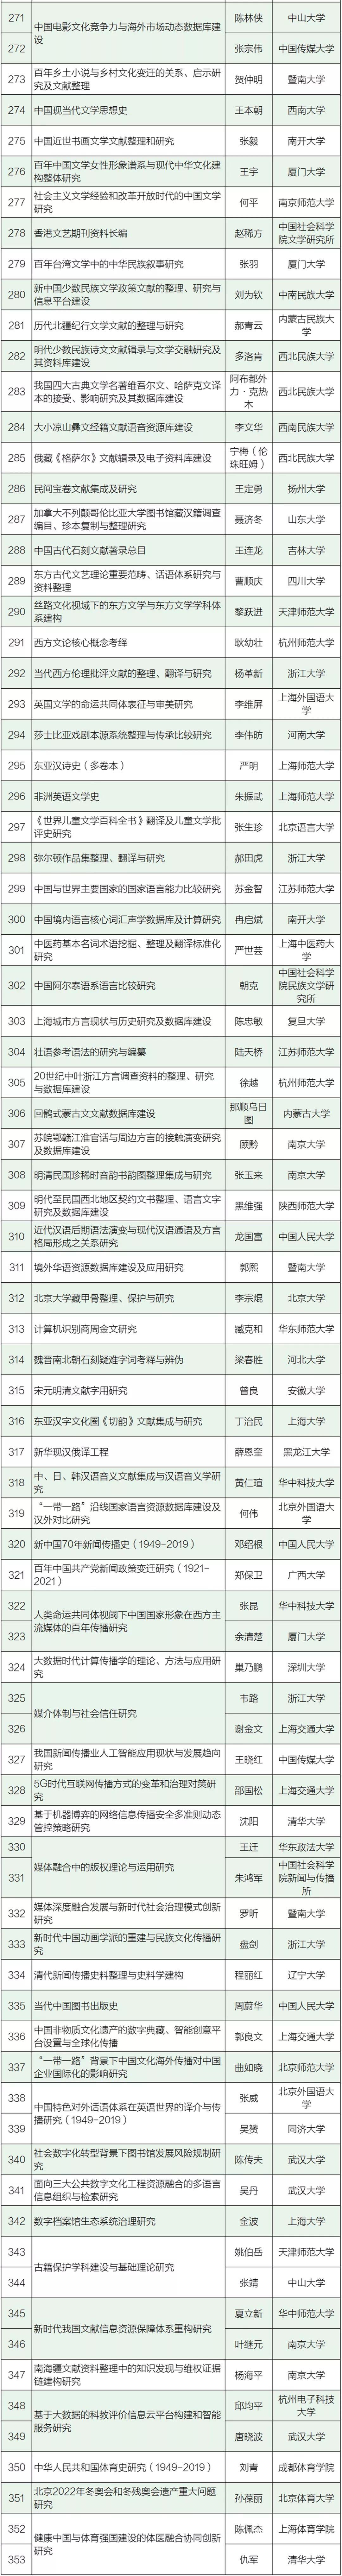 云南3所高校进入国家社科基金重大项目立项公示名单